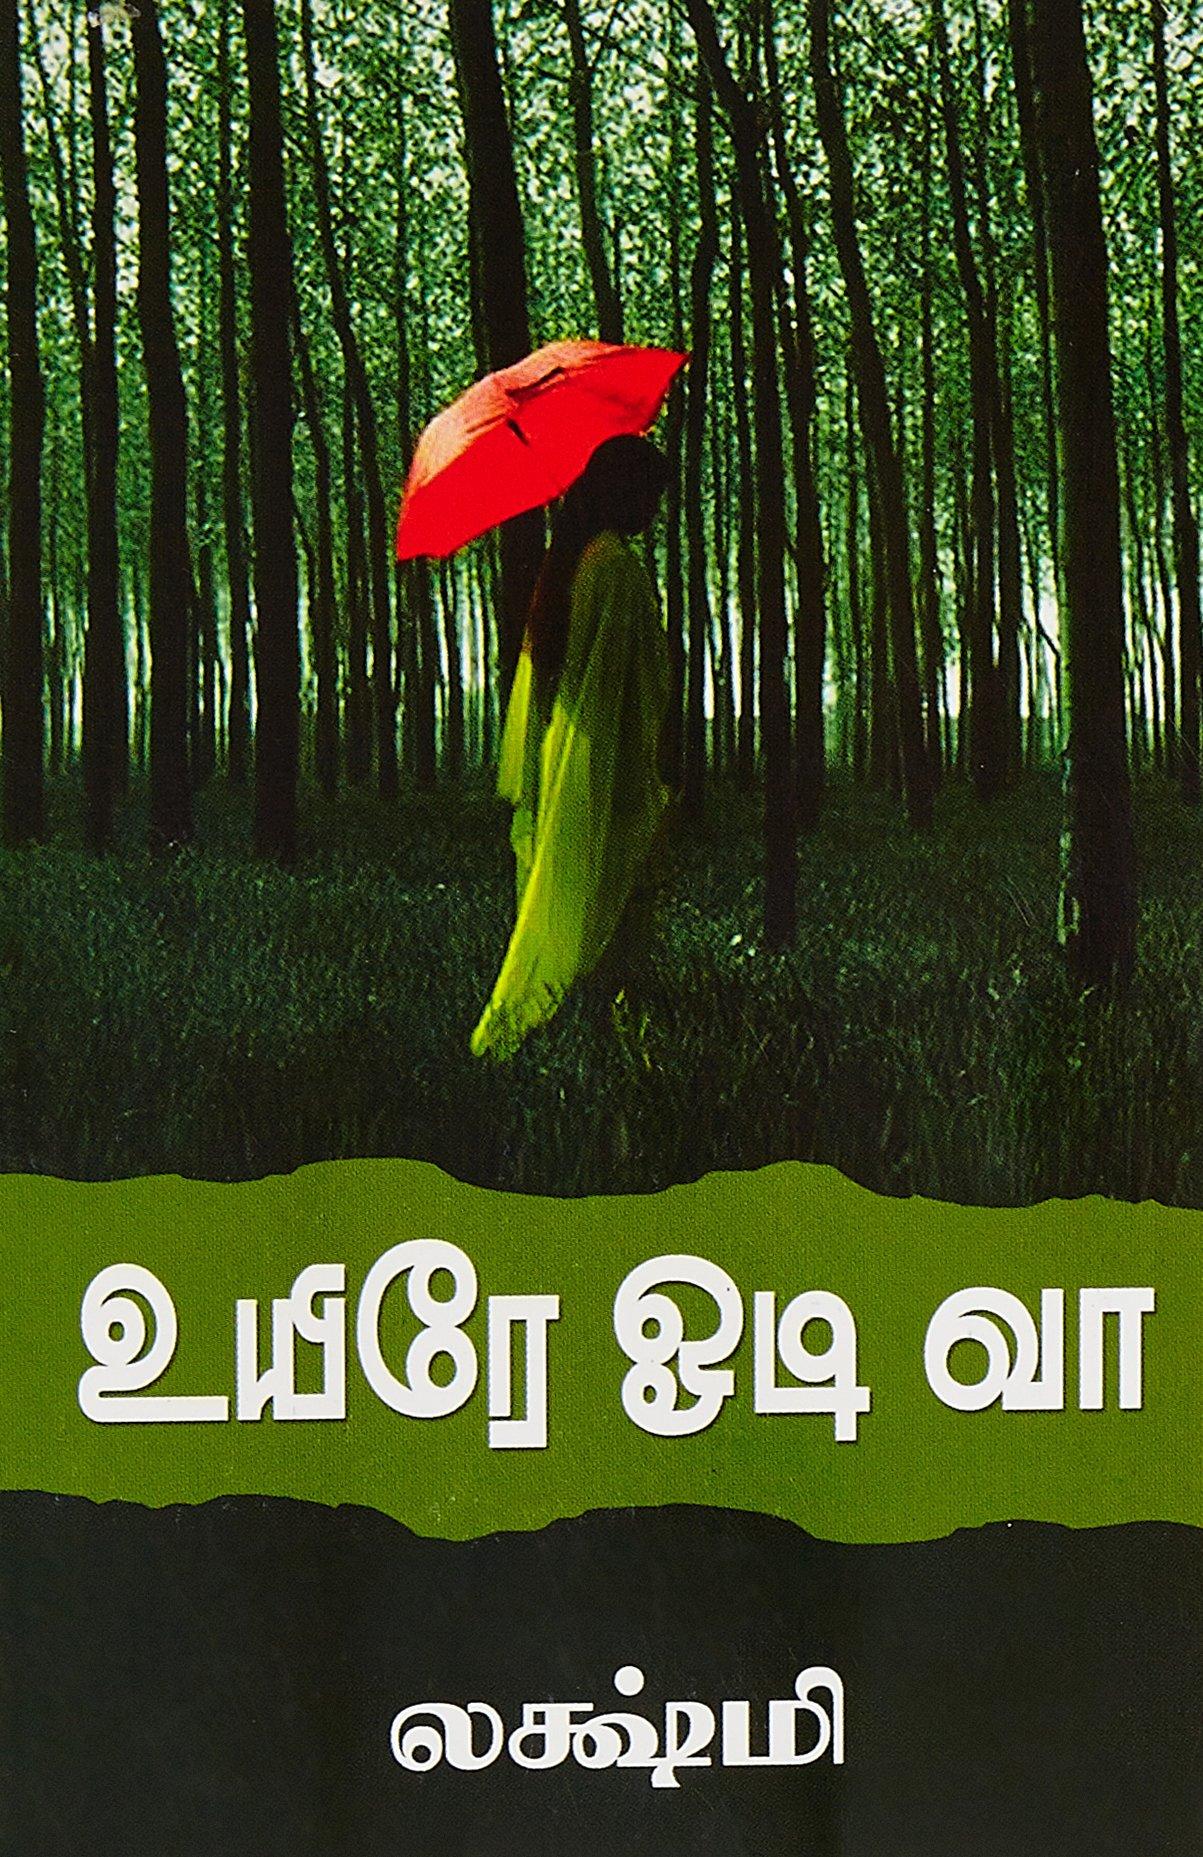 உயிரே ஓடி வா - Uyire Odi Vaa